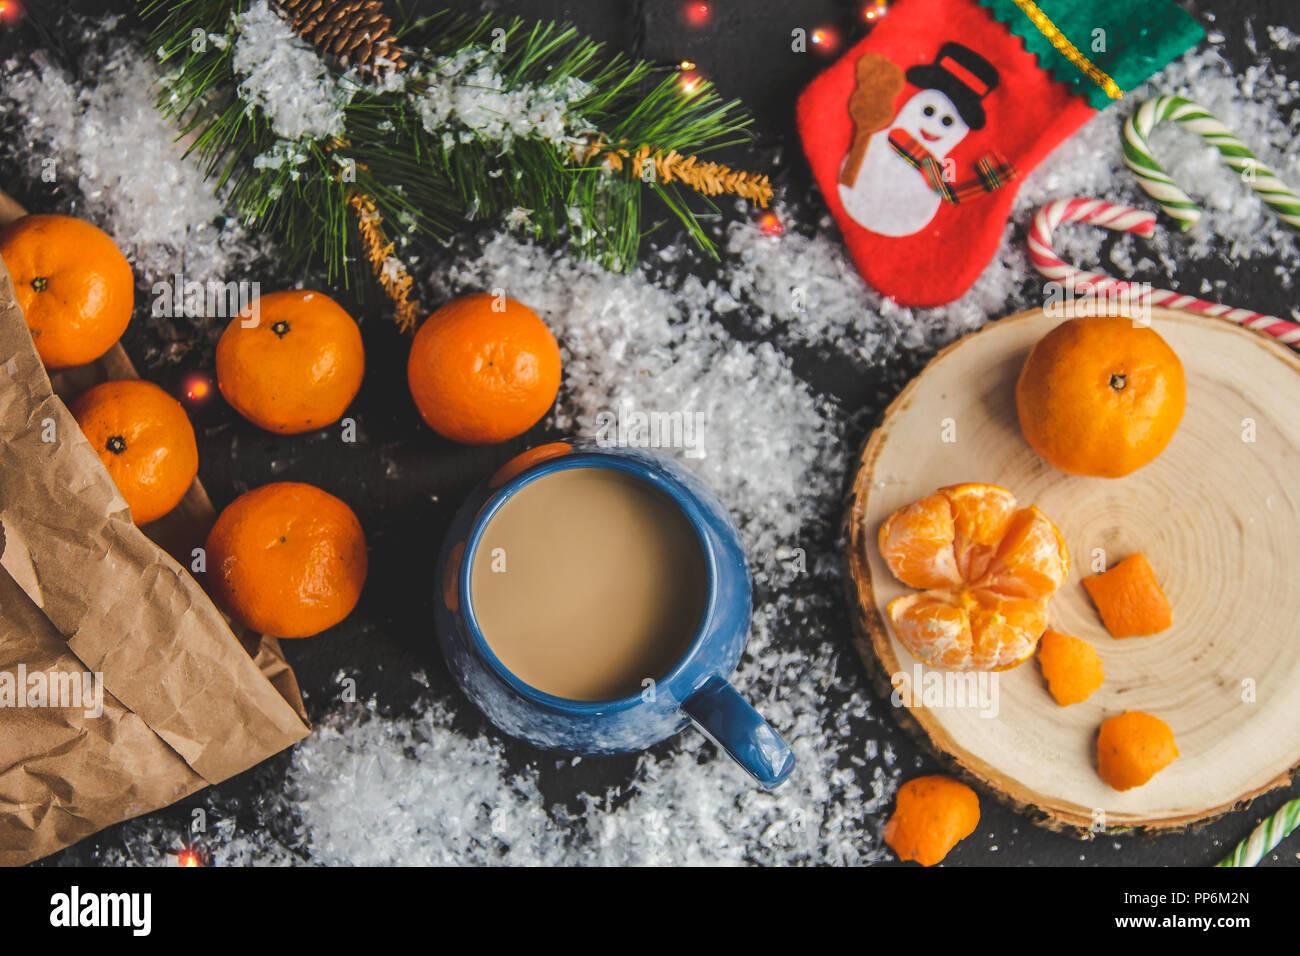 Navidad y Año Nuevo concepto. Las mandarinas, taza de café, la nieve, la rama del árbol de Navidad. Contra un fondo oscuro. Vista superior de laicos plana Imagen De Stock